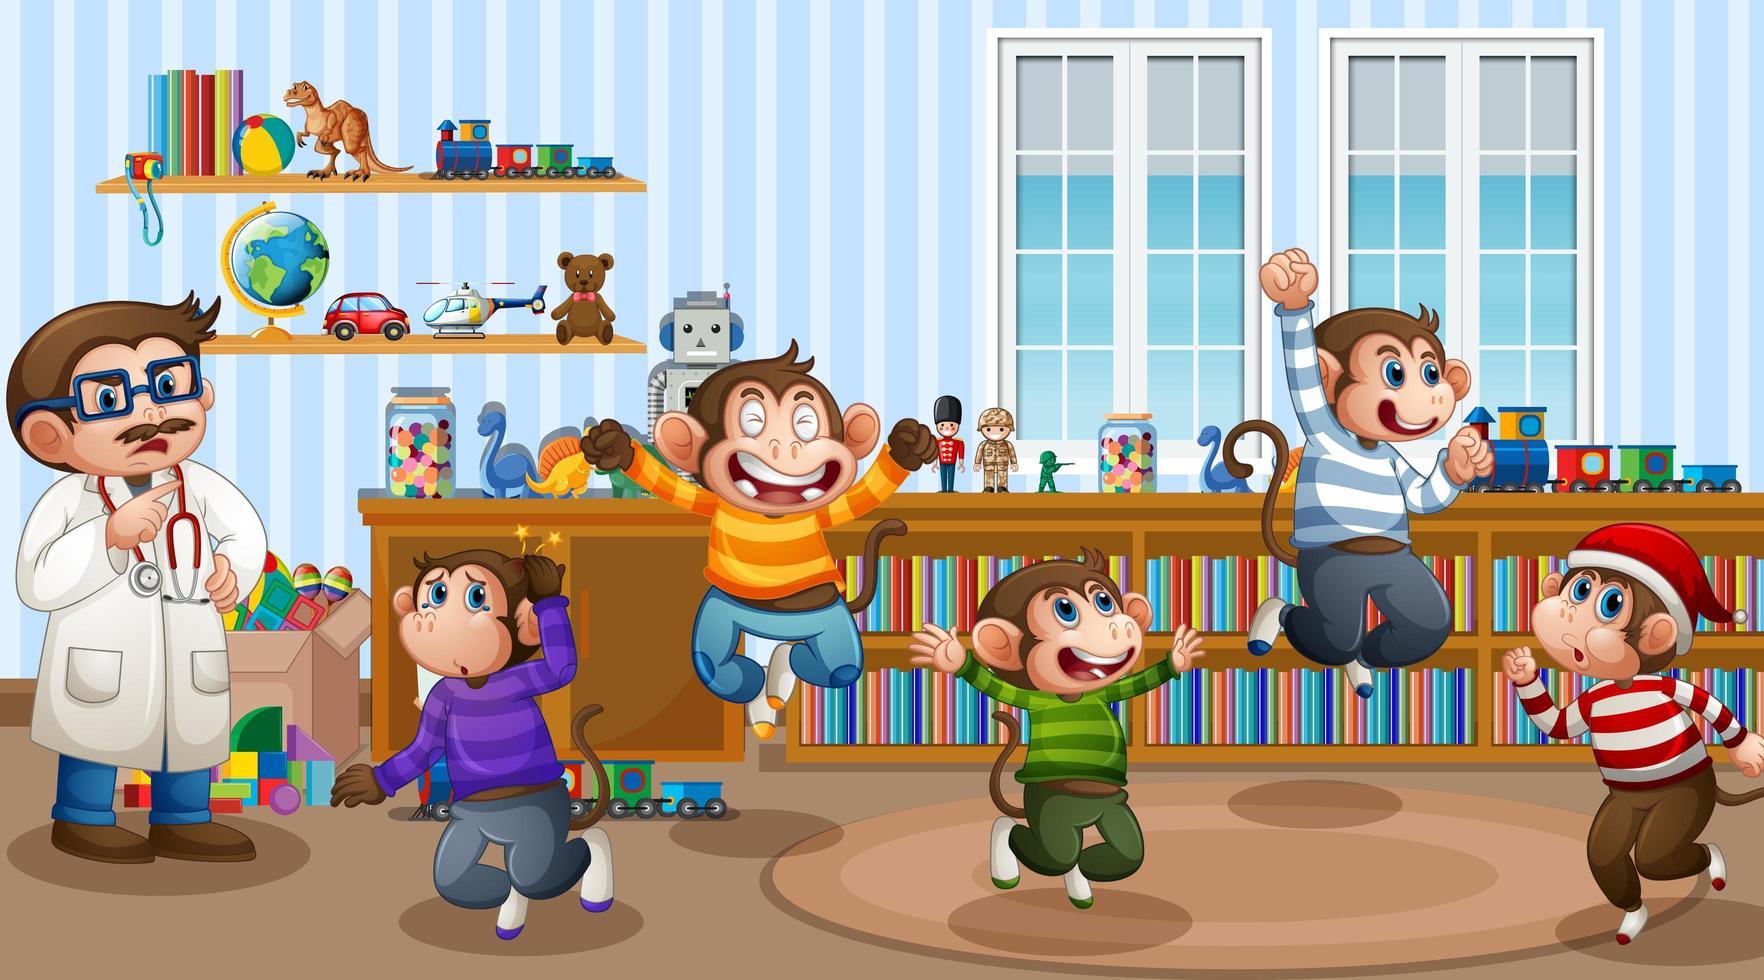 cinq petits singes sautant dans la scène de la pièce vecteur